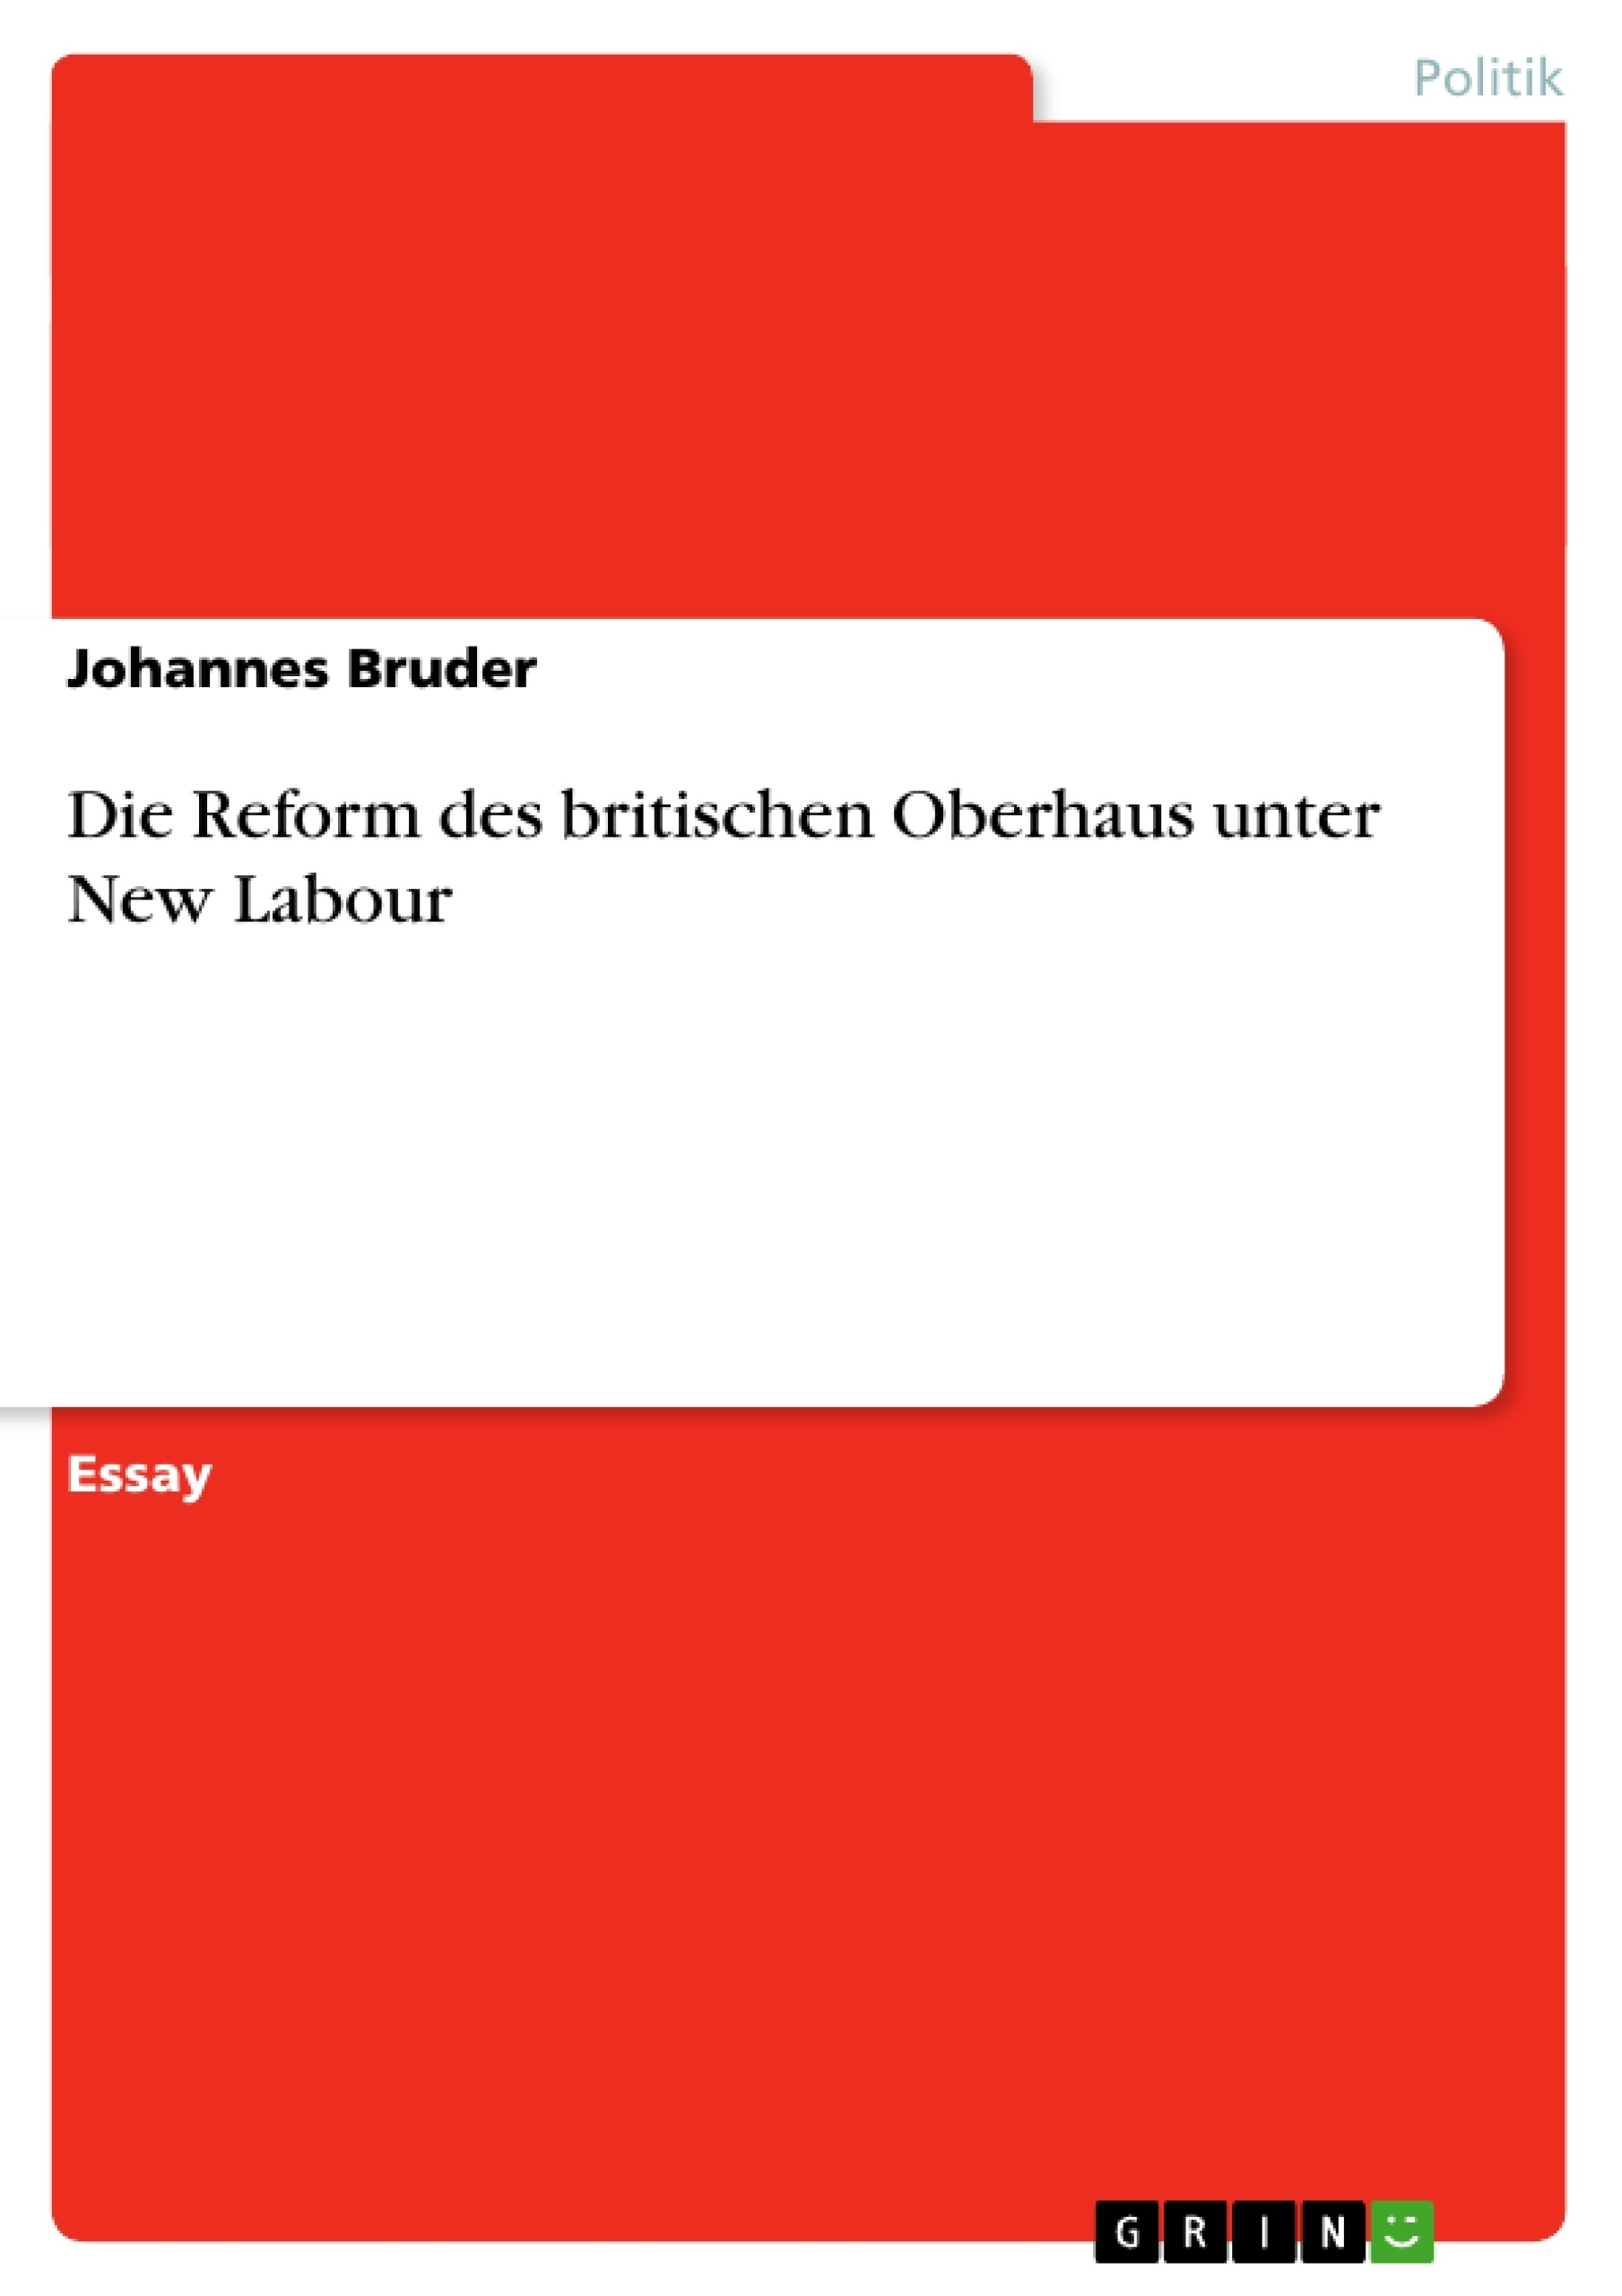 Titel: Die Reform des britischen Oberhaus unter New Labour